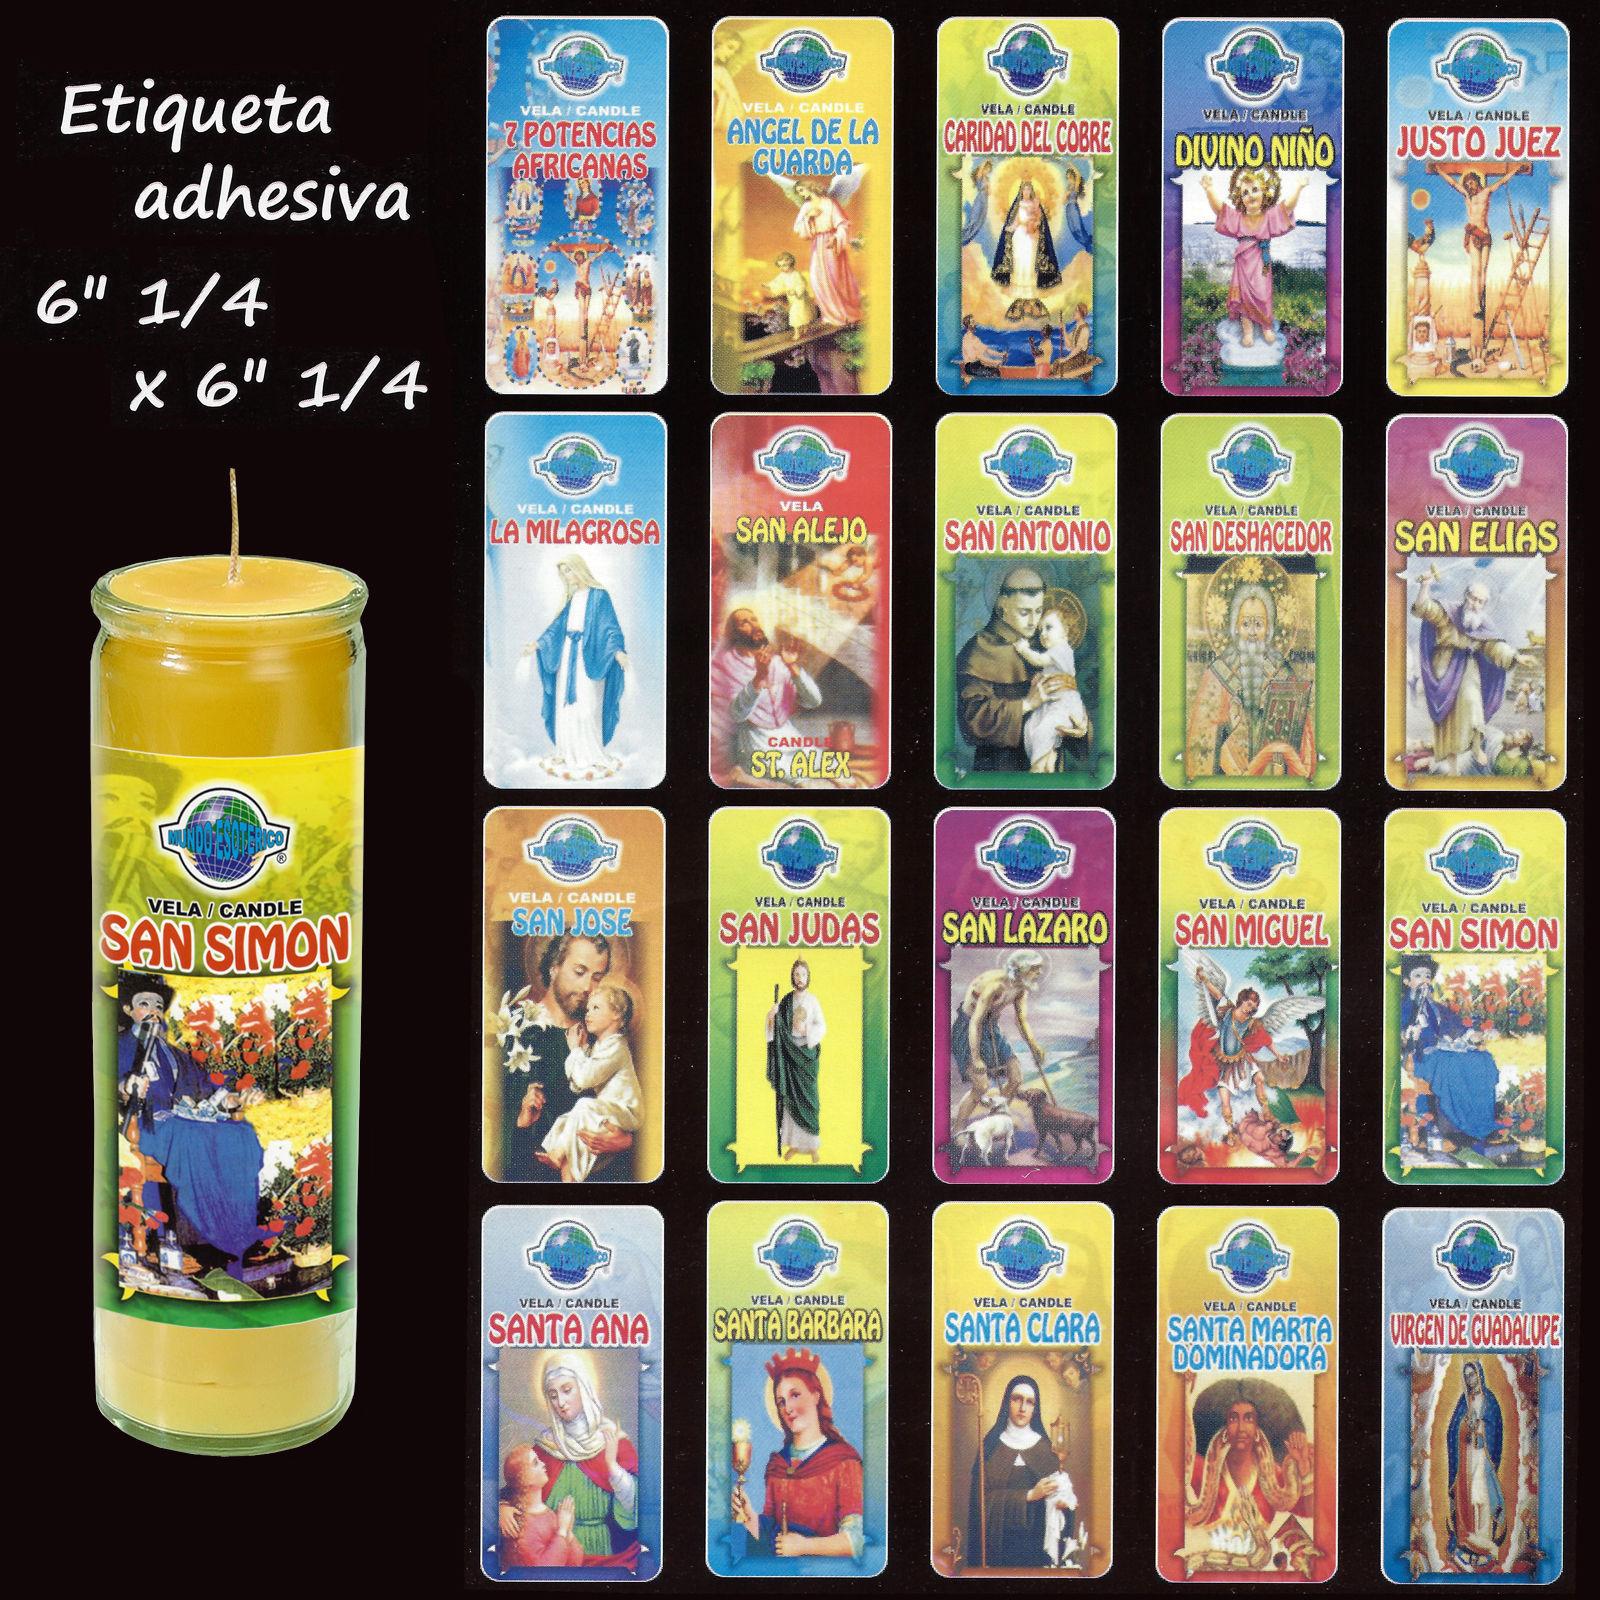 100 etiquetas de velas santos angeles para velas 7 dias - Etiquetas para velas ...